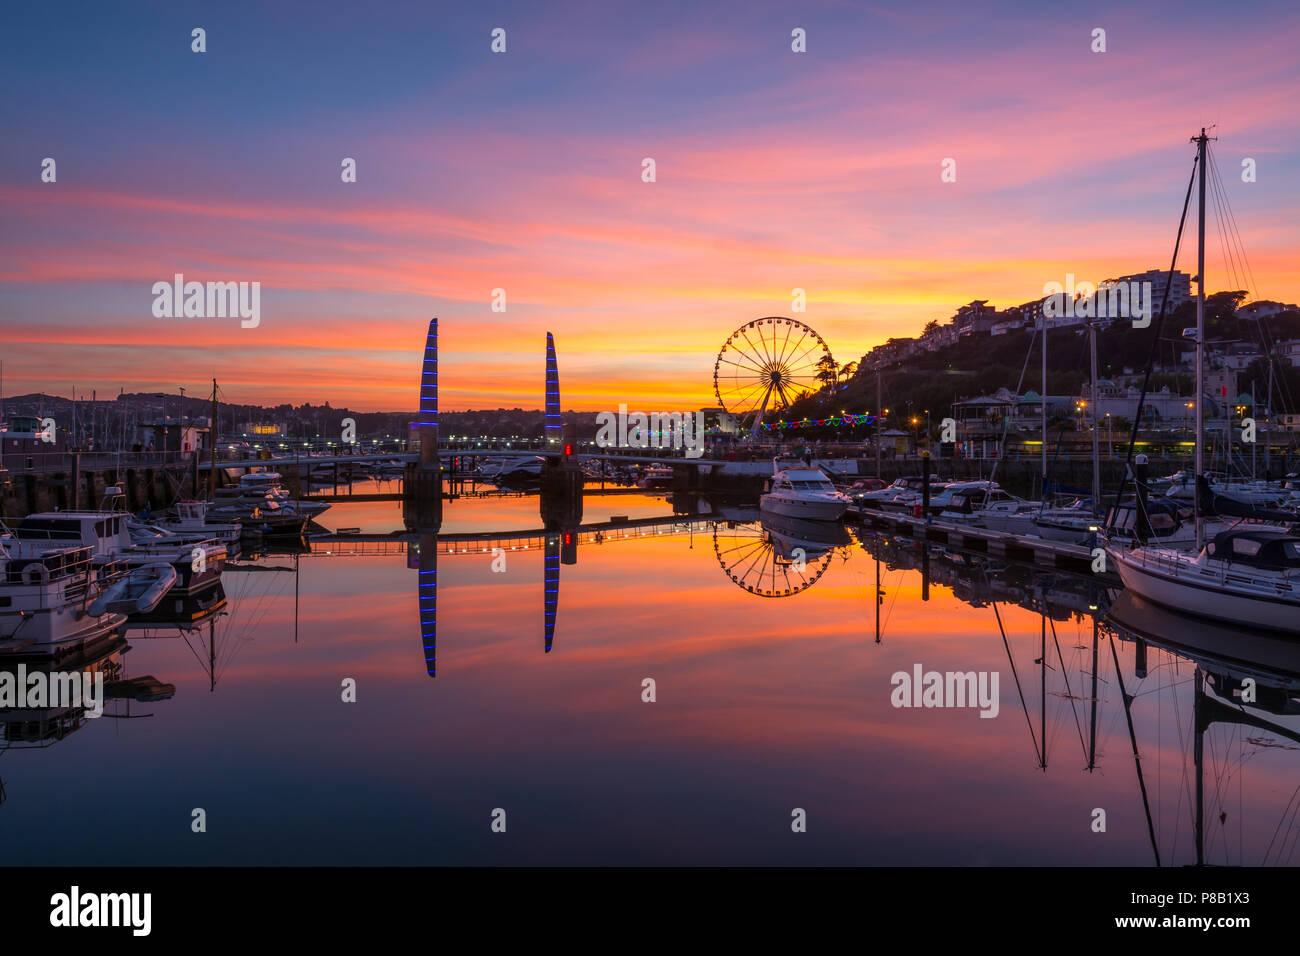 Torquay Harbour Sunset Imagen De Stock